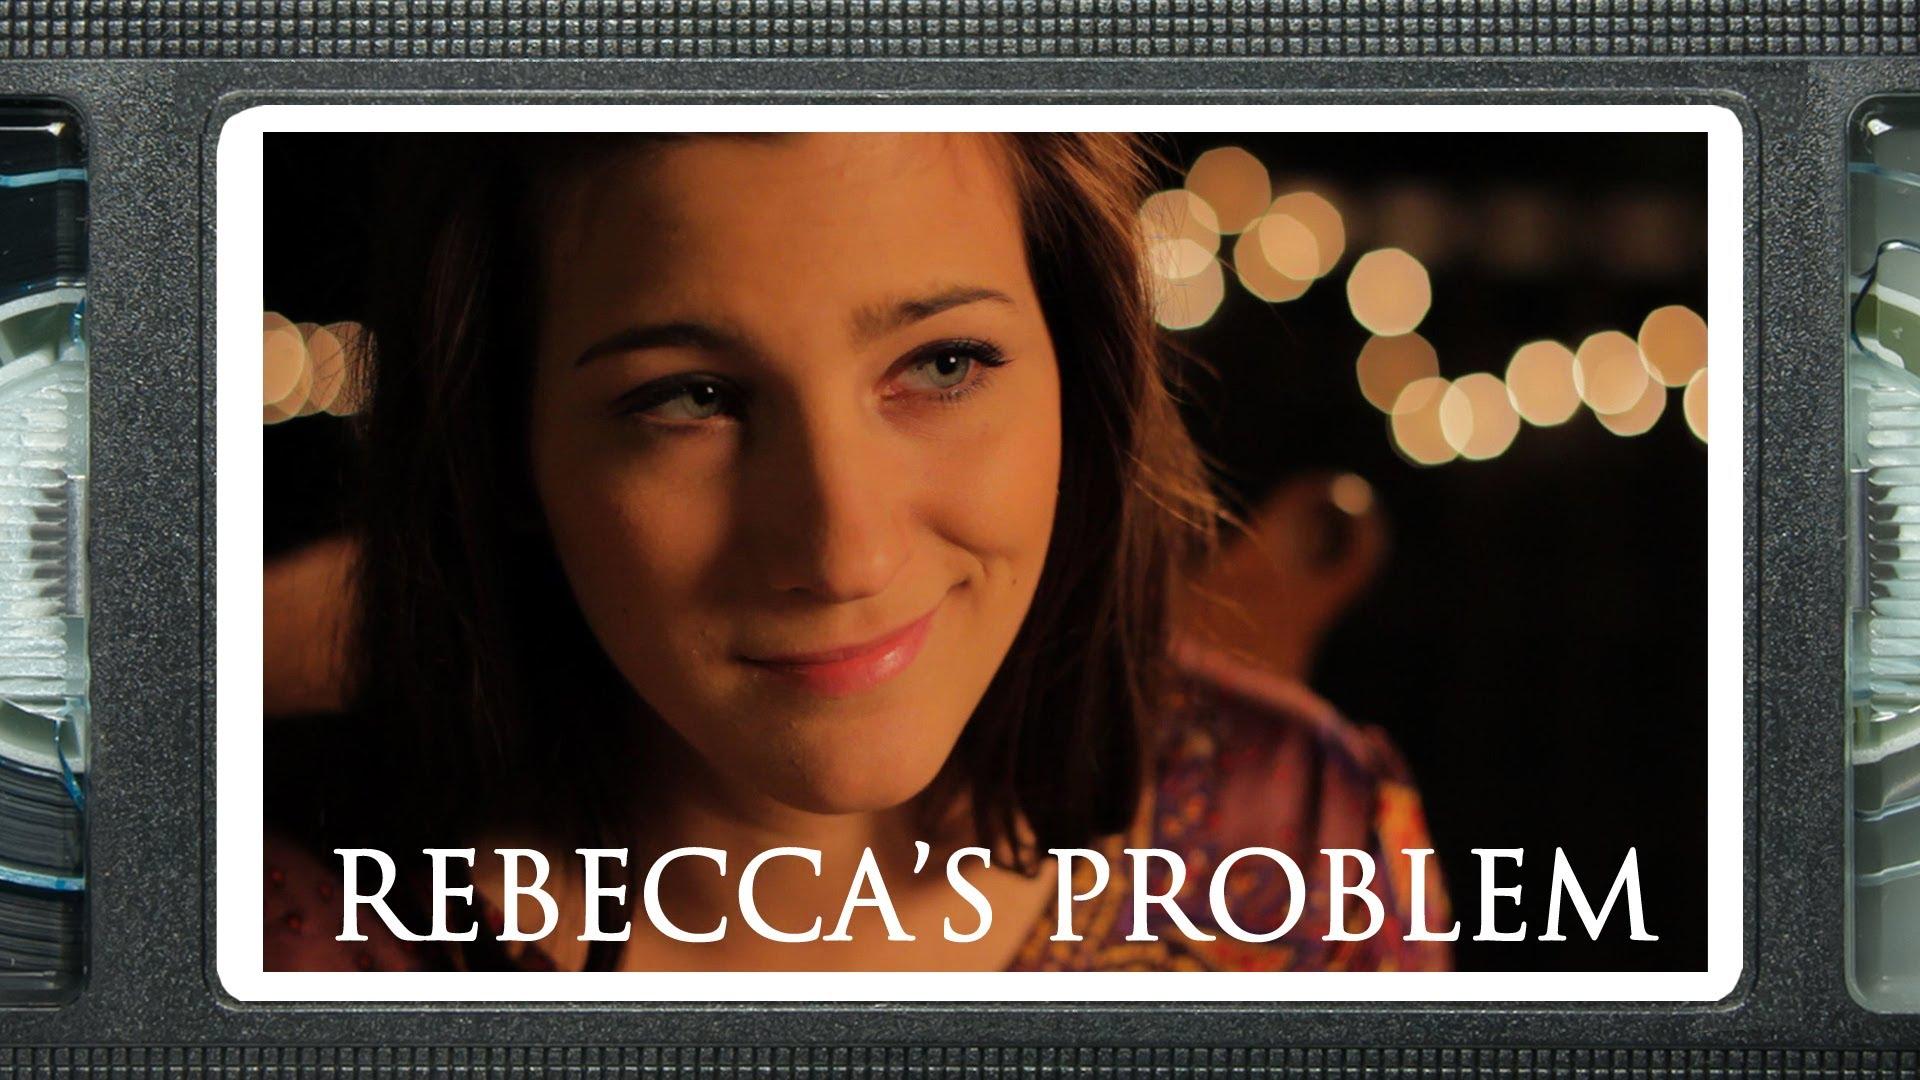 Rebecca's Problem